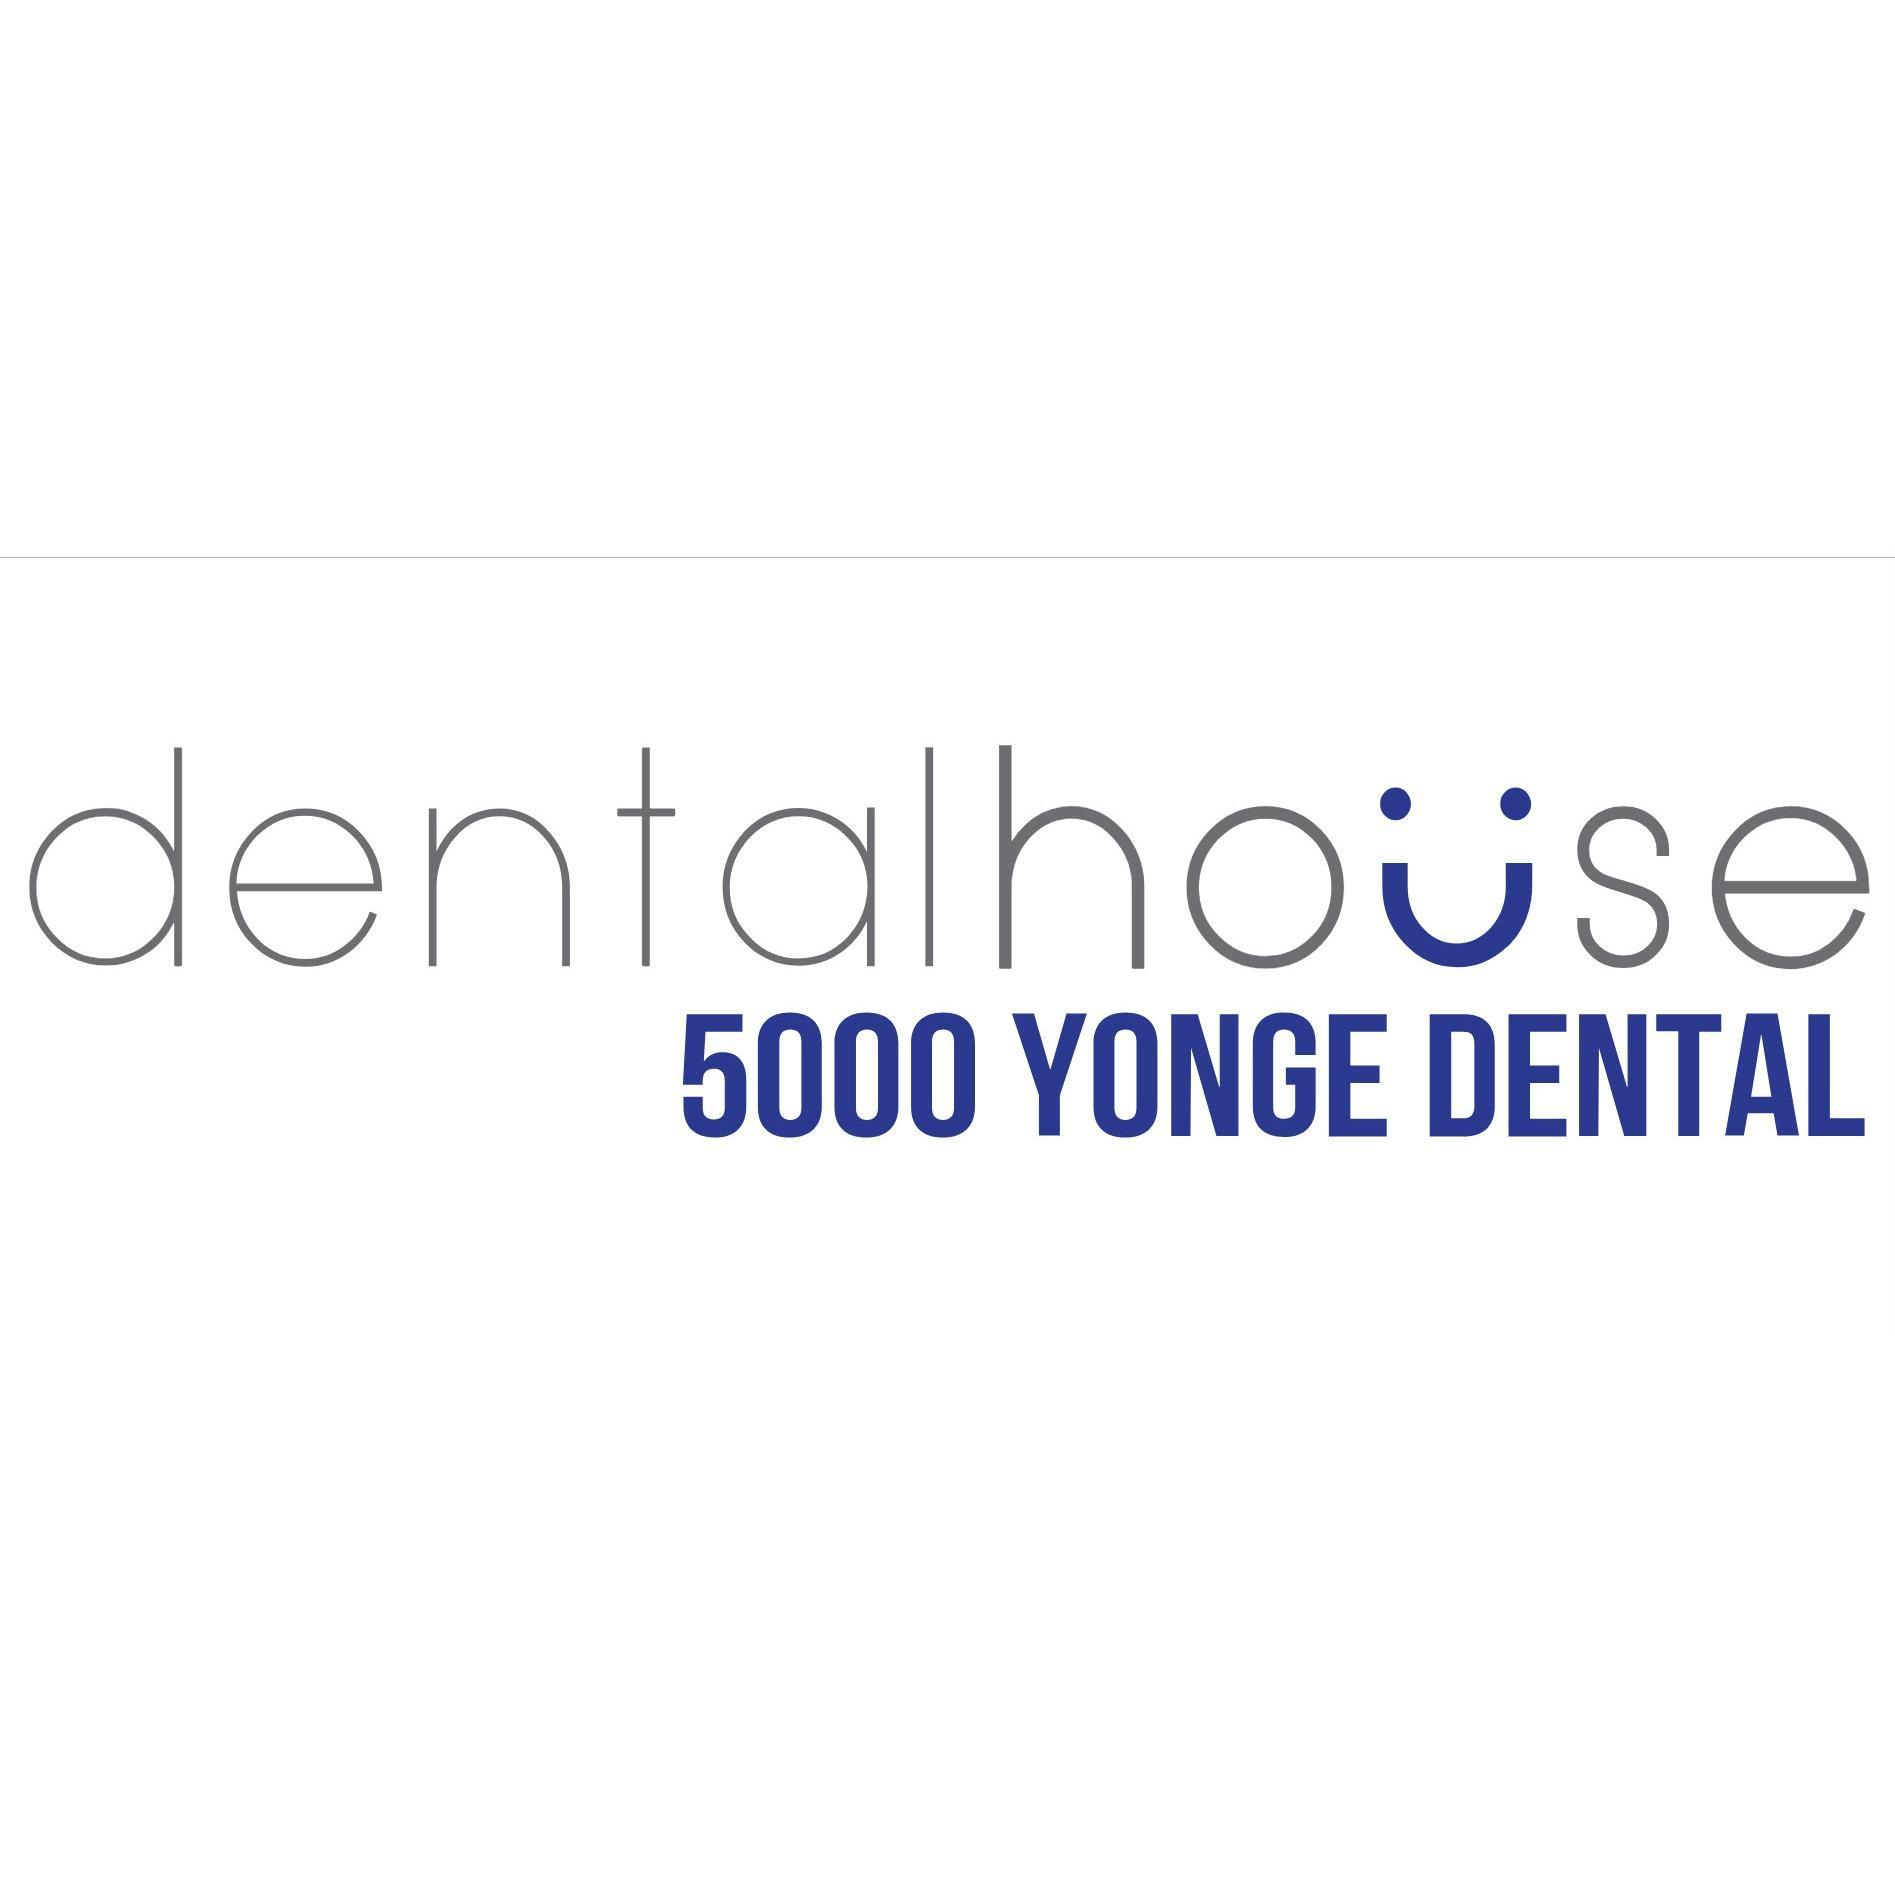 dentalhouse 5000 Yonge Dental